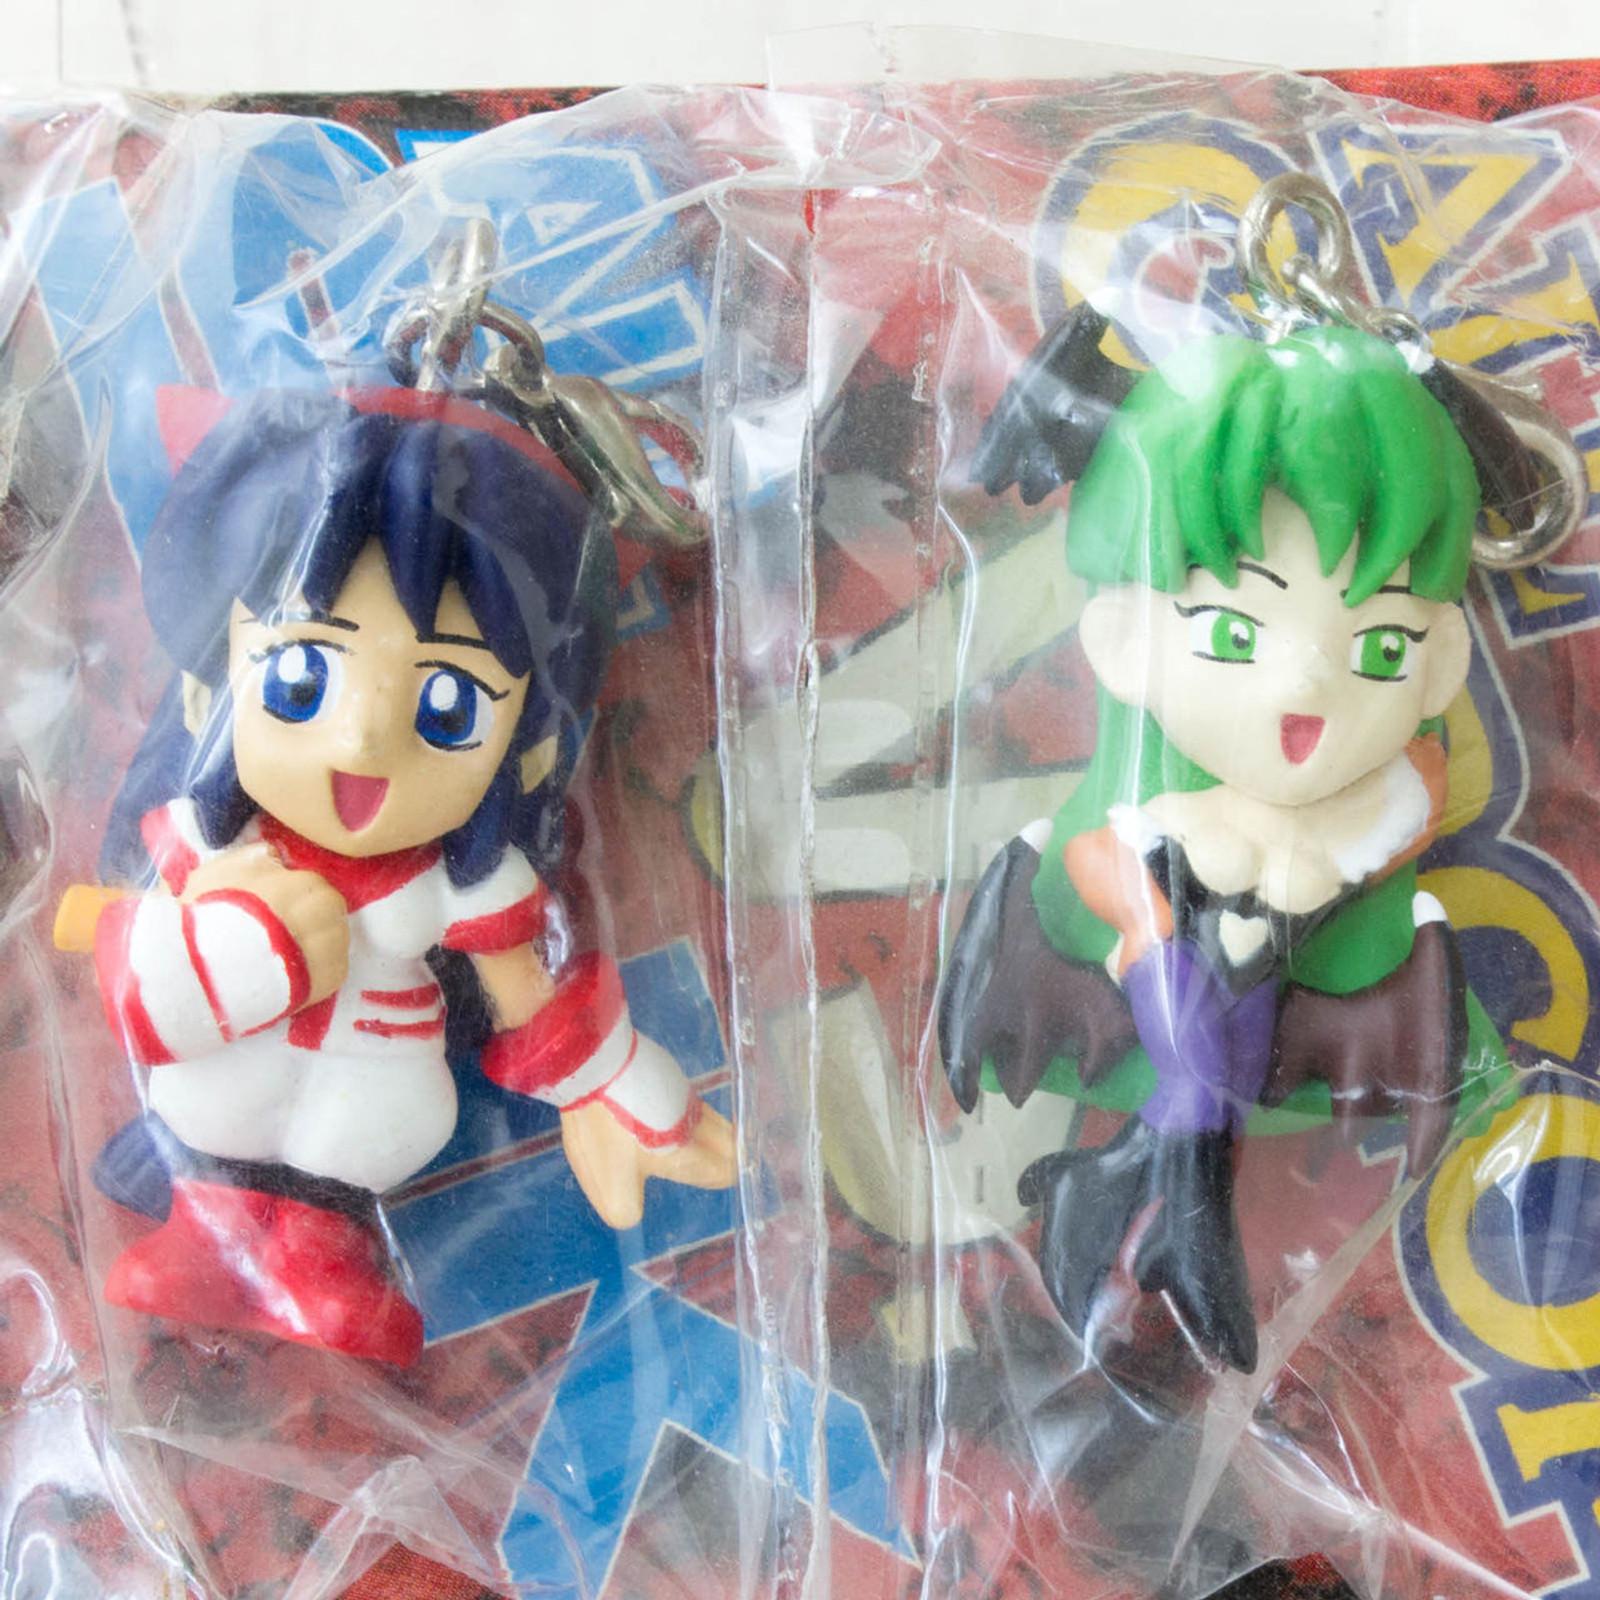 ALL CAPCOM vs ALL SNK Morrigan & Nakoruru Figure Mascot Darkstalkers (Vampire) Samurai Shodown JAPAN